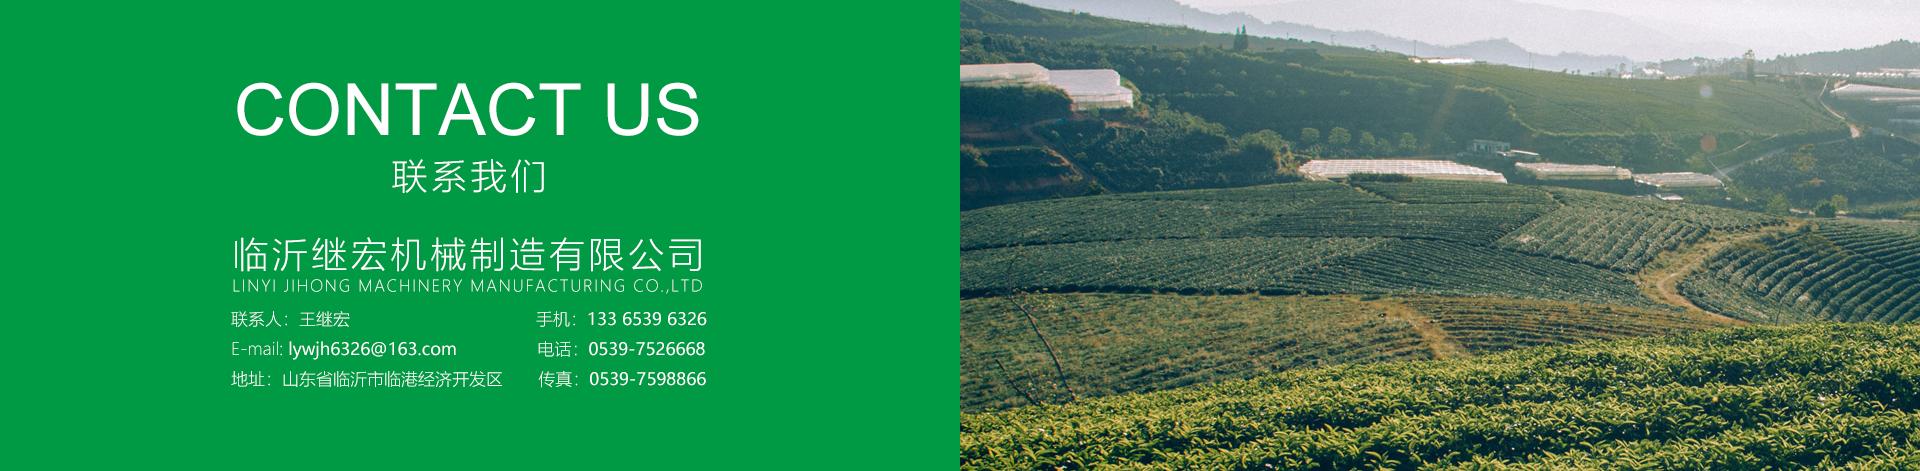 临沂继宏机械制造有限公司主要经营杀青机,揉捻机,烘干机等茶叶机械,产品热销日照等制茶基地,是山东省内知名茶叶机械生产厂家,联系电话:13365396326.